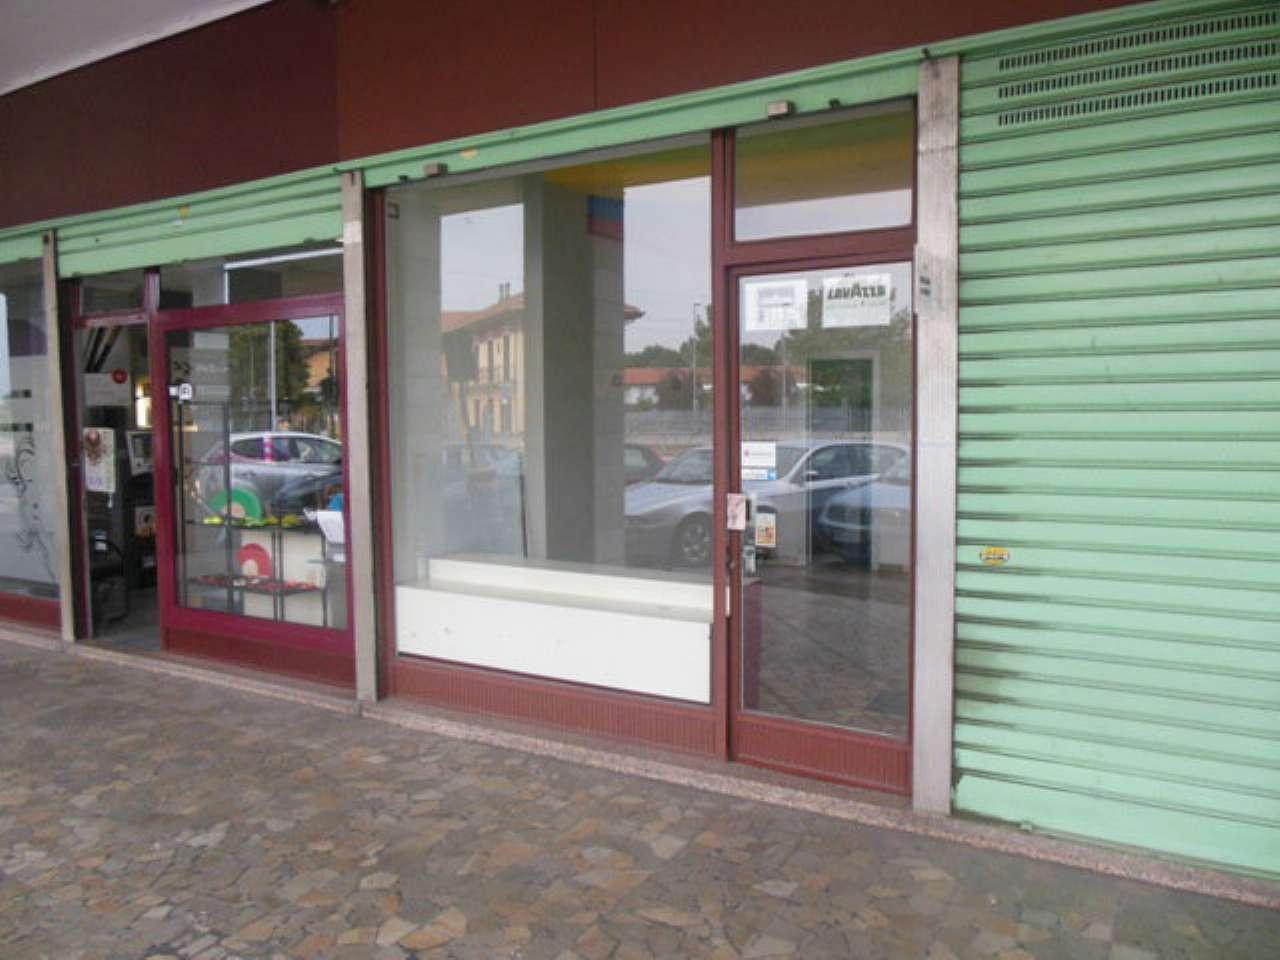 Negozio / Locale in affitto a Nichelino, 2 locali, prezzo € 290 | Cambio Casa.it